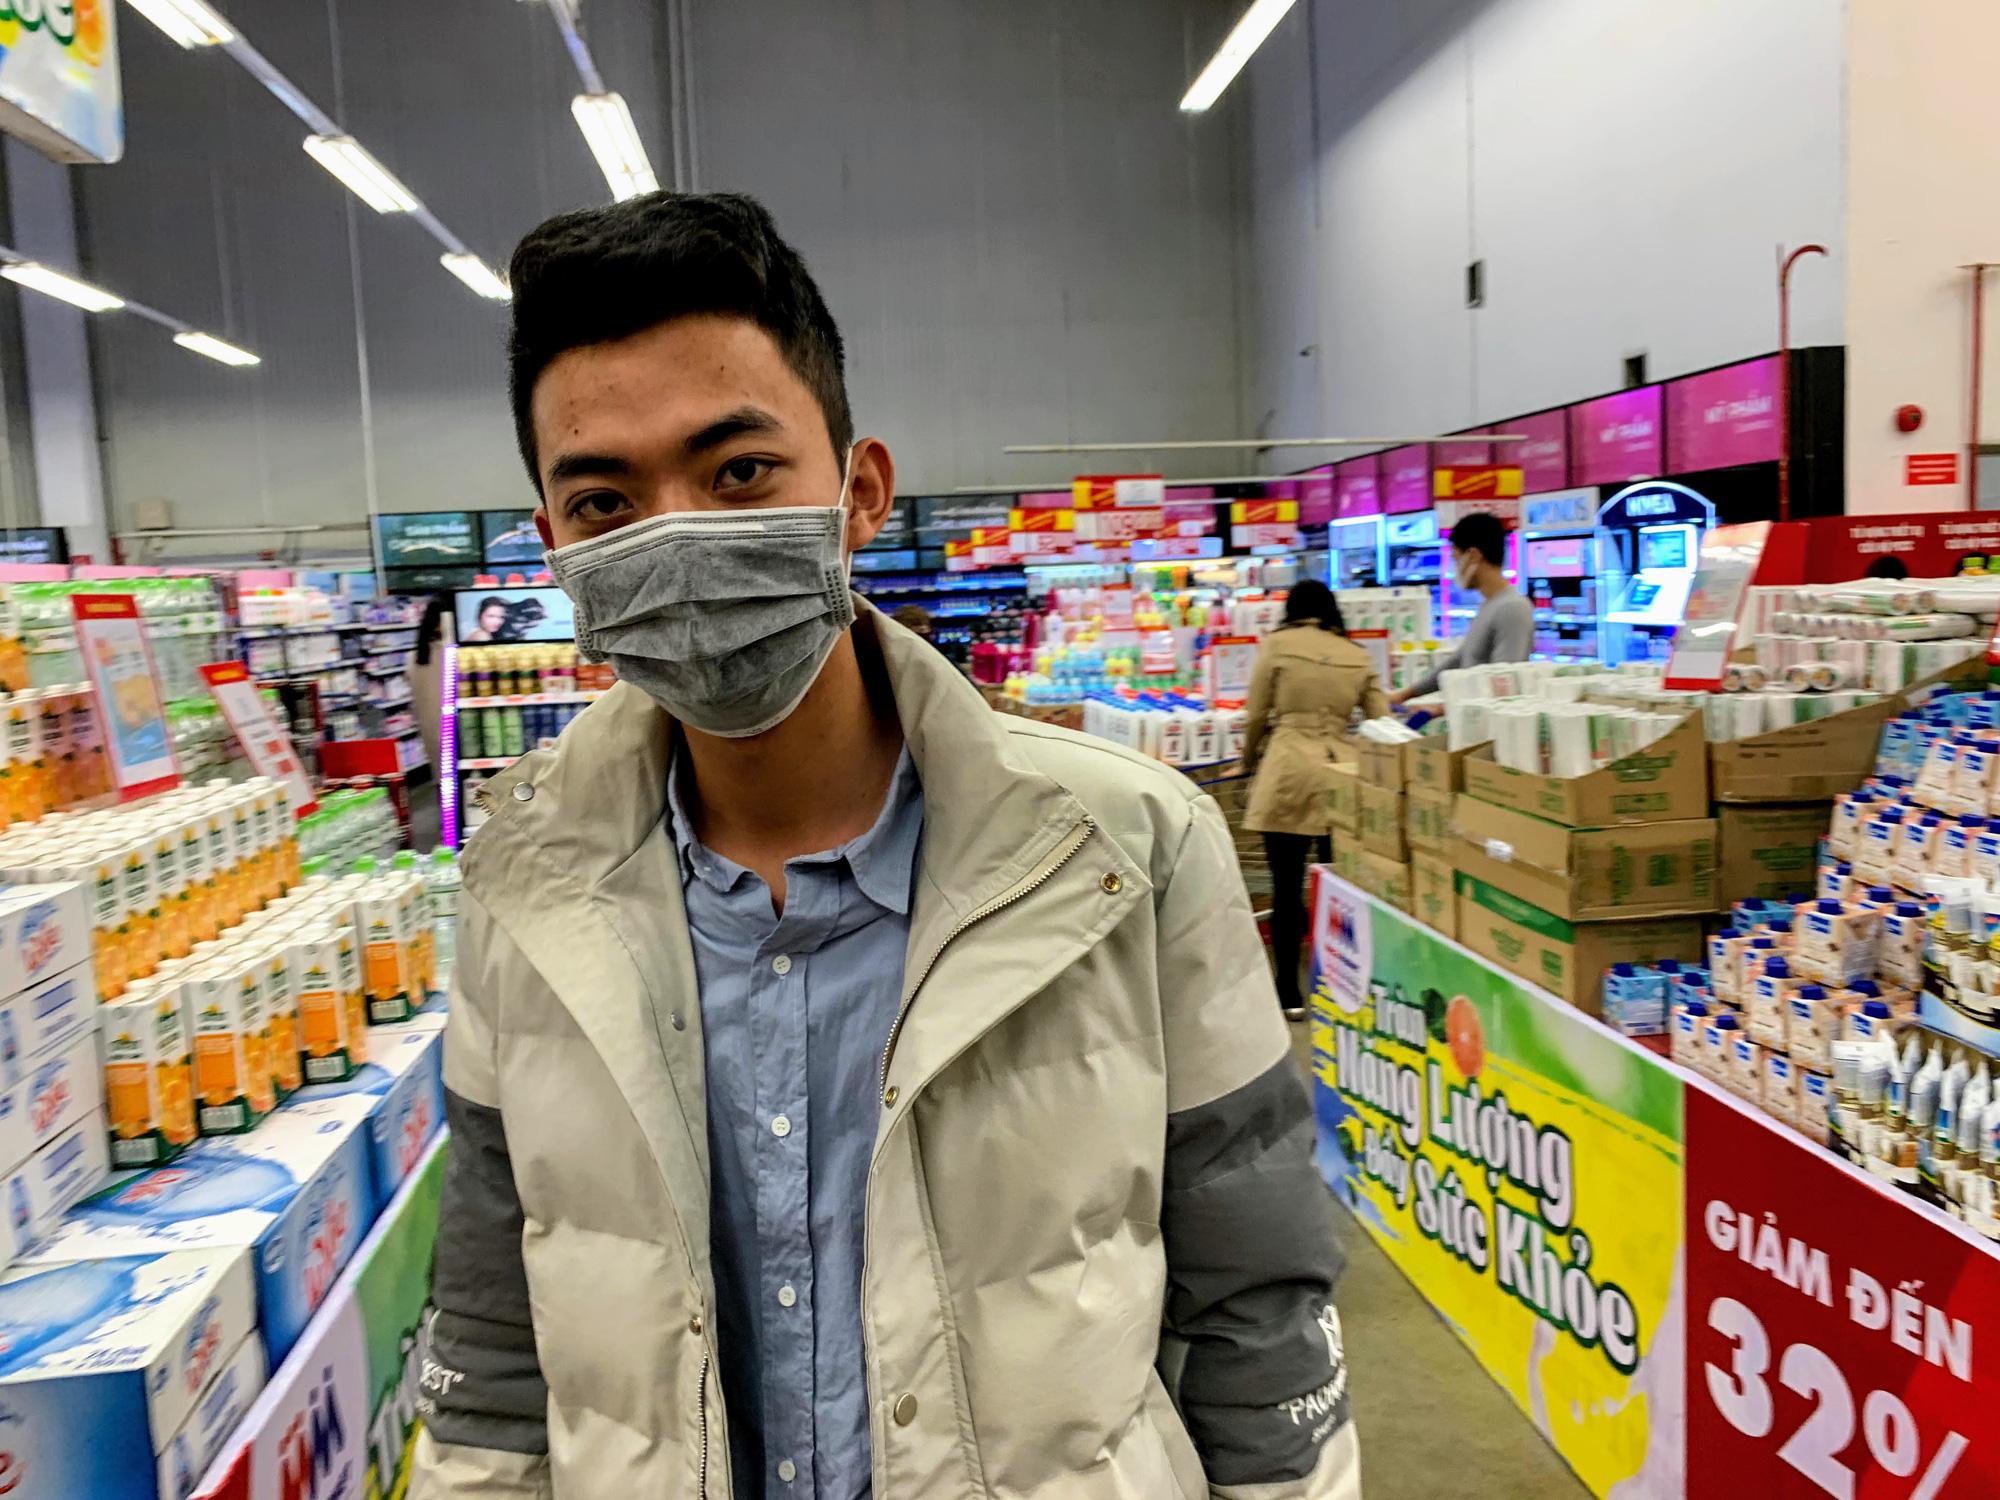 Siêu thị, trung tâm thương mại ở Hà Nội vắng tanh không một bóng người trước đại dịch virus corona - Ảnh 9.